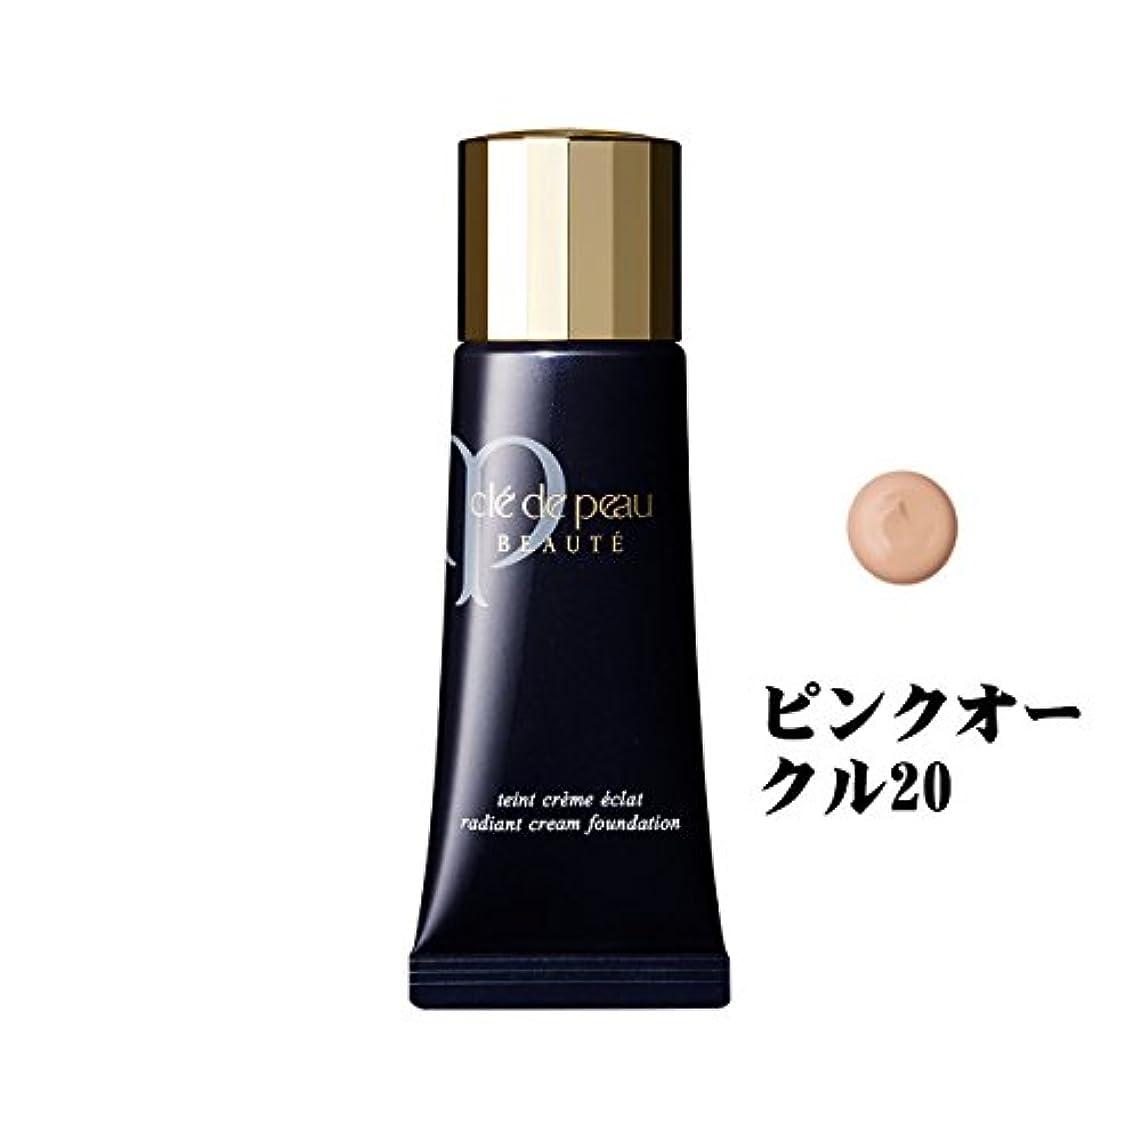 同意するいたずらビバ資生堂/shiseido クレドポーボーテ/CPB タンクレームエクラ クリームタイプ SPF25?PA++ ピンクオークル20